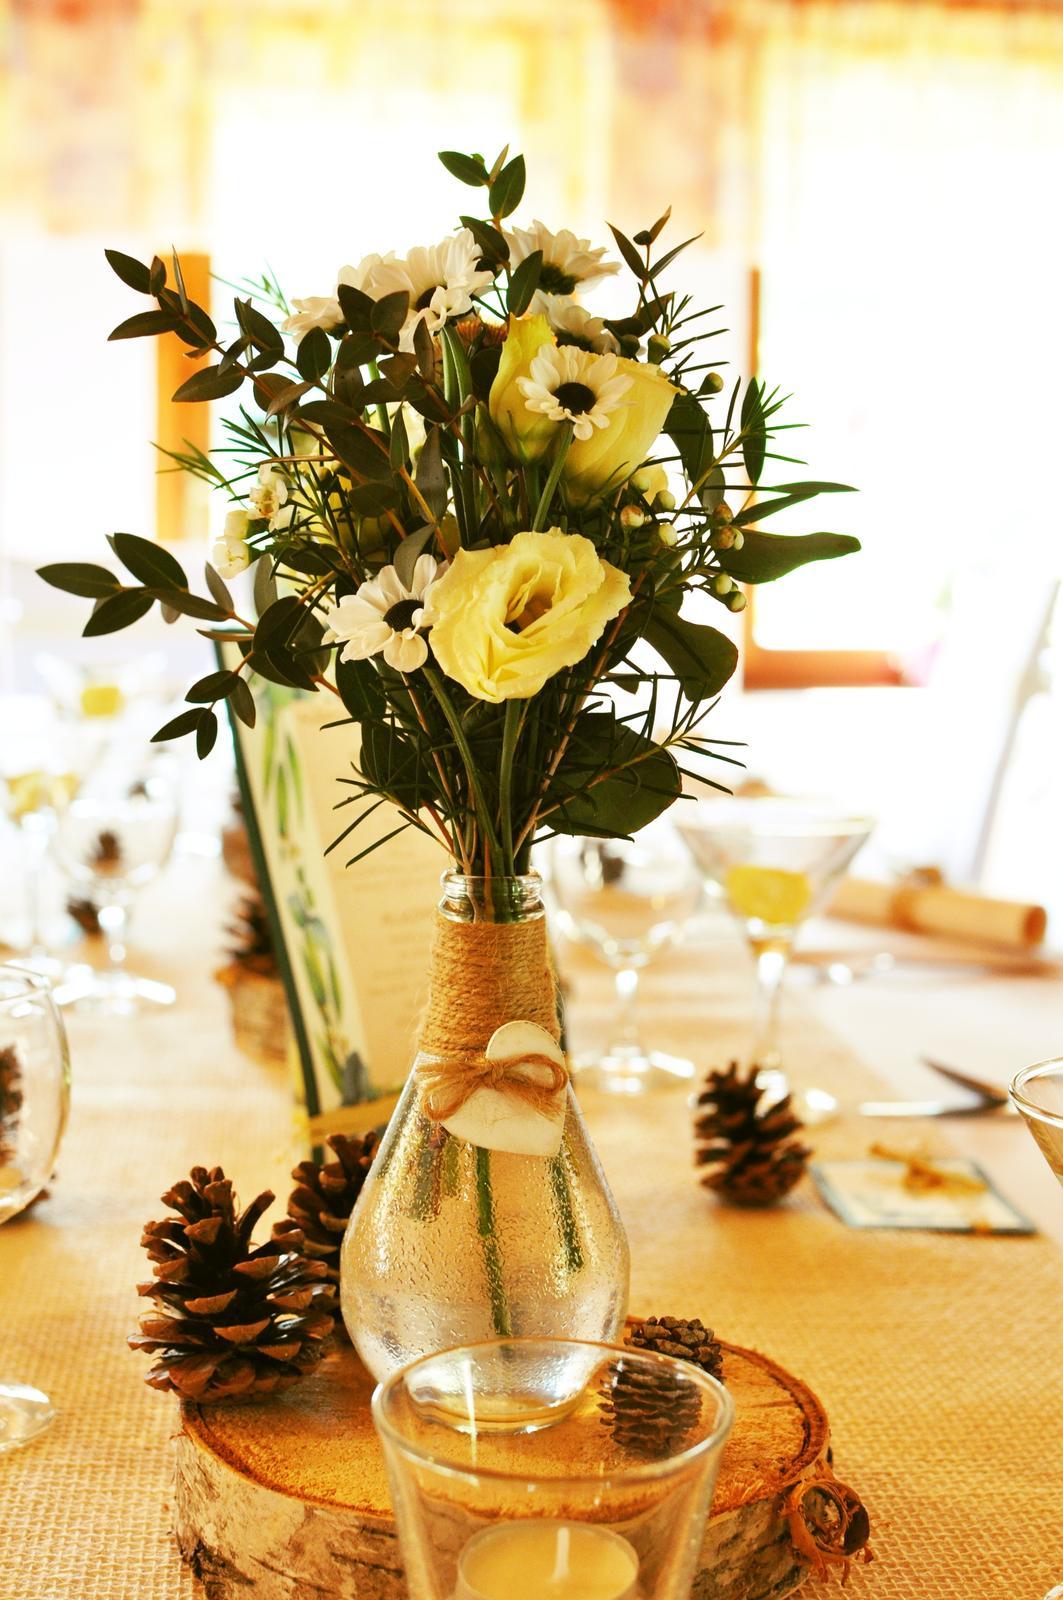 Vázičky na svatební stůl s jutou a srdíčkem - Obrázek č. 1